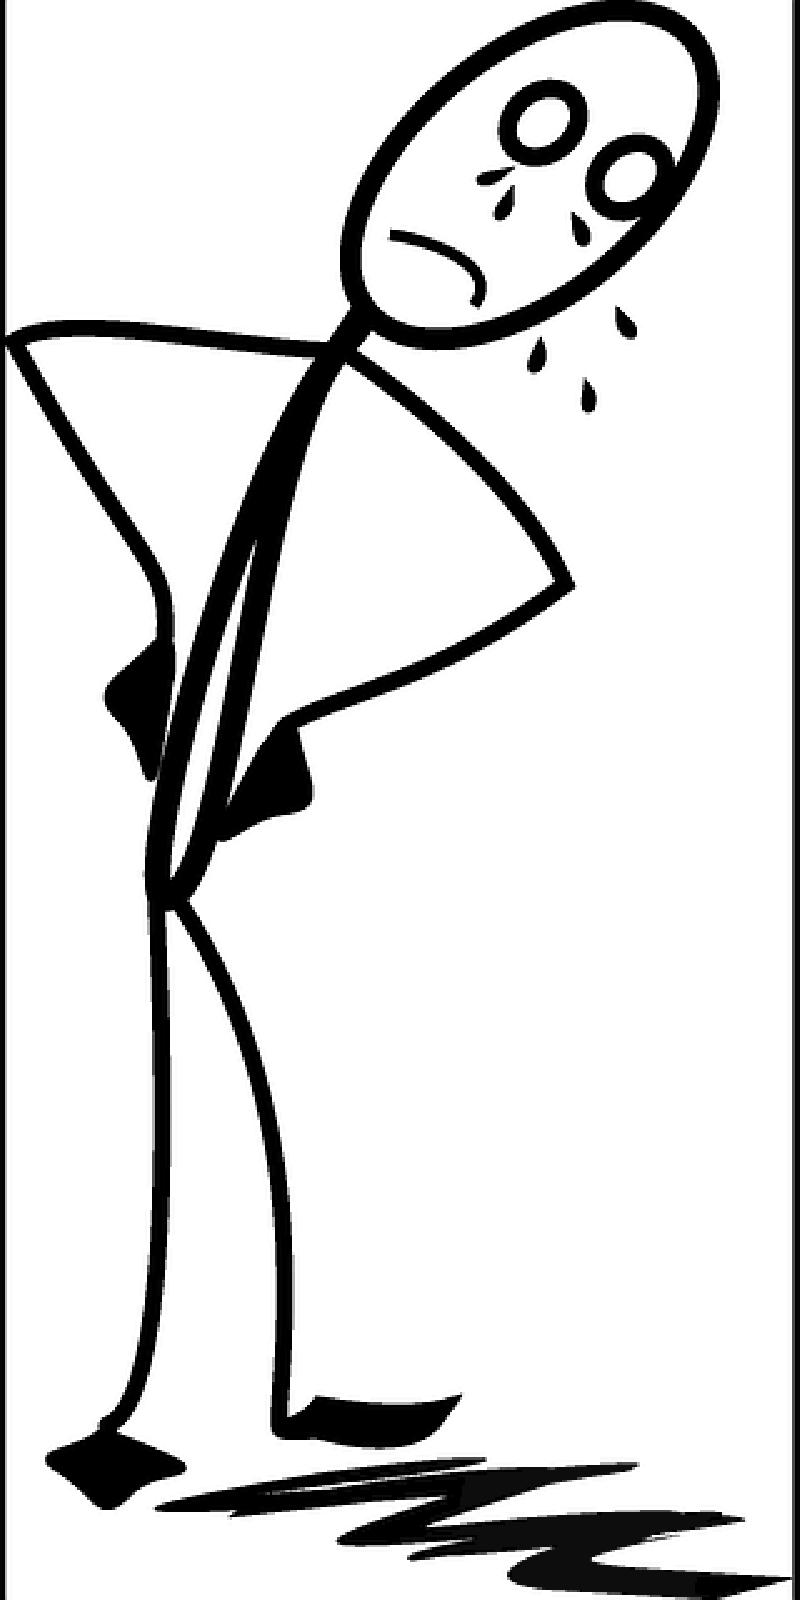 Figurine clipart matchstick man Img Matchstick Alfa PNG Matchstick